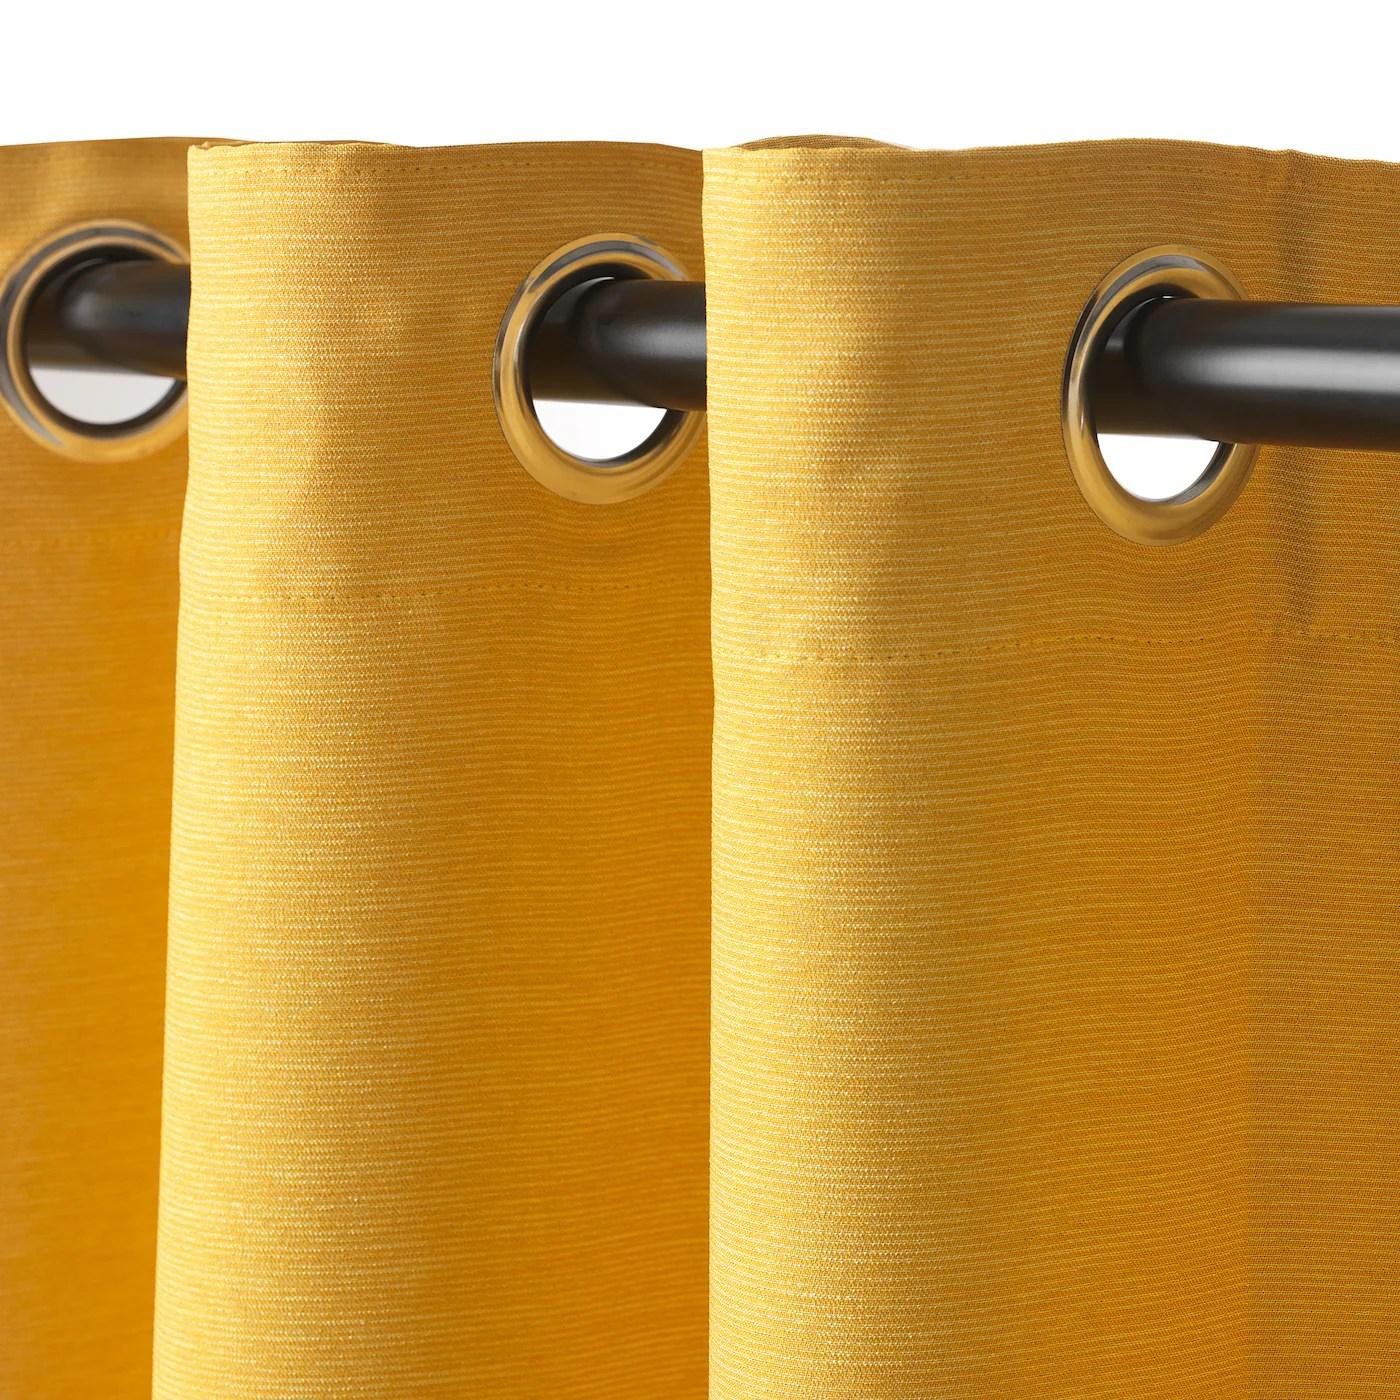 vilborg rideaux 2 pieces jaune avec oeillets 145x300 cm